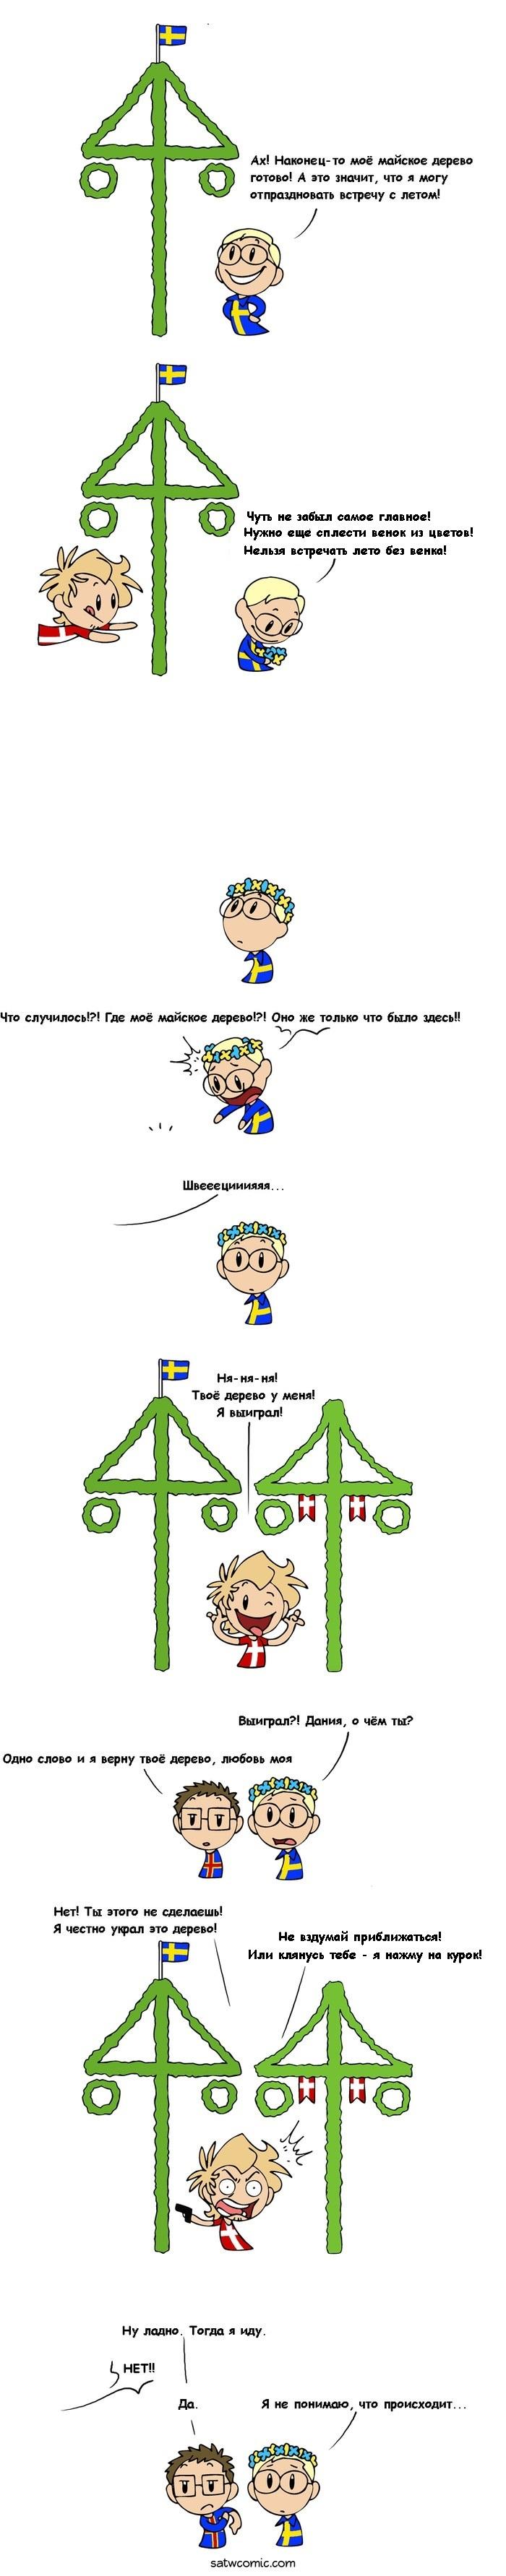 Забытая майская игра Скандинавия и мир, SATW, Satwcomics, Швеция, Дания, Аландские острова, Комиксы, Перевел сам, Длиннопост